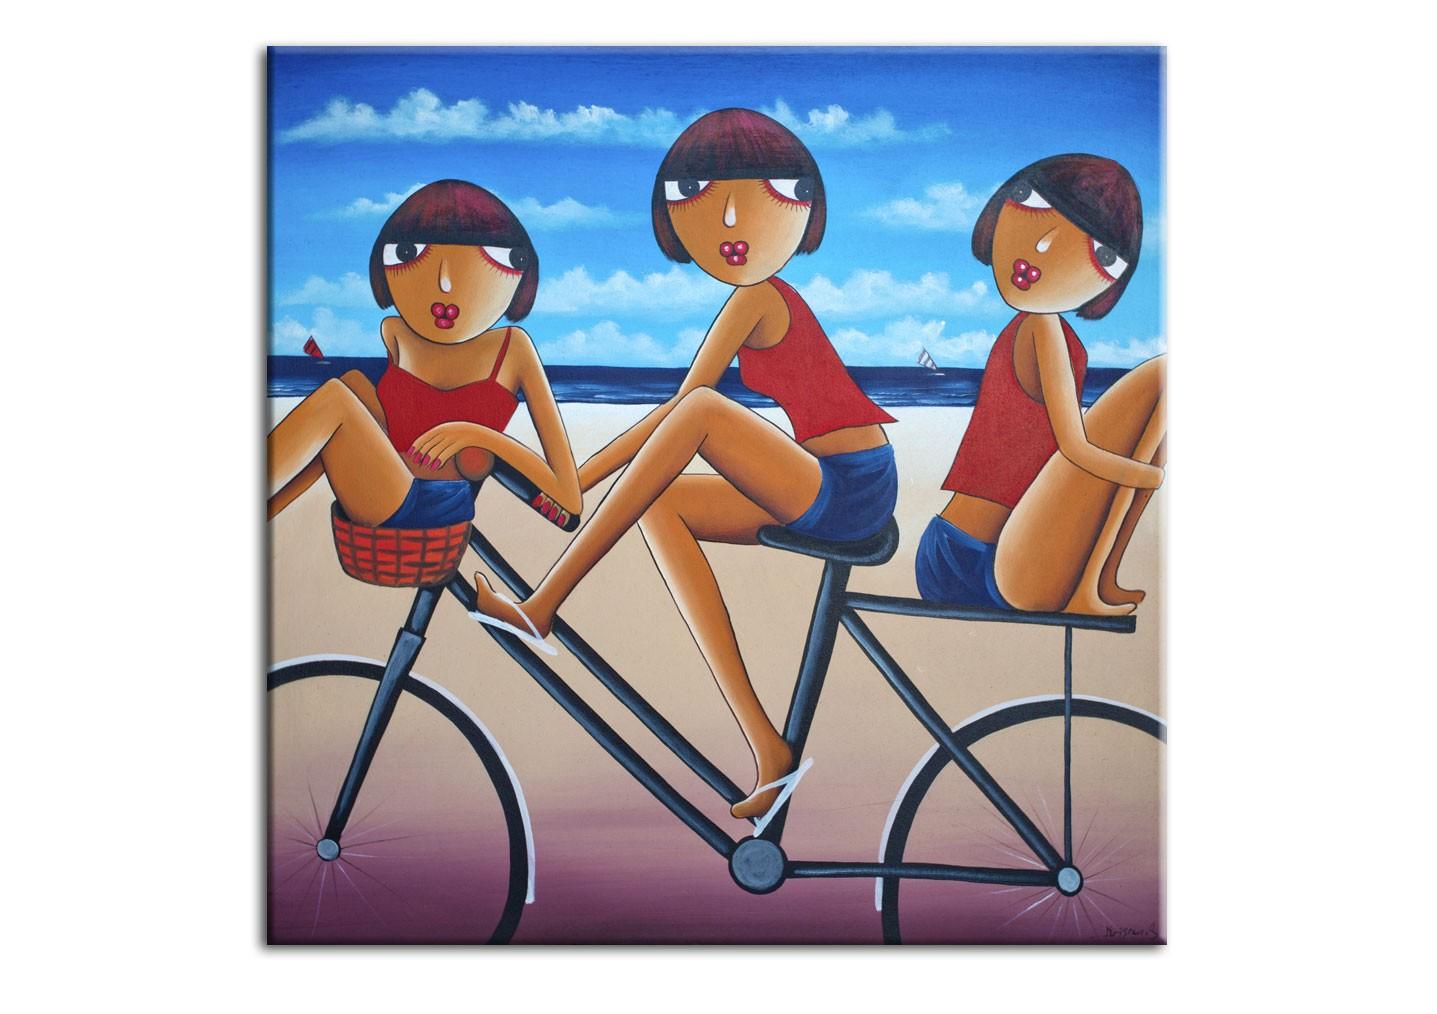 Картина На пляжКартины<br>Авторская копия картины балийского художника Krisna с декоративной фактурной обработкой&amp;lt;div&amp;gt;&amp;lt;br&amp;gt;&amp;lt;/div&amp;gt;&amp;lt;div&amp;gt;Материал: натуральный холст, деревянный подрамник, лак,итальянский фактурный гель&amp;lt;br&amp;gt;&amp;lt;/div&amp;gt;<br><br>Material: Холст<br>Width см: 50<br>Depth см: 3<br>Height см: 50